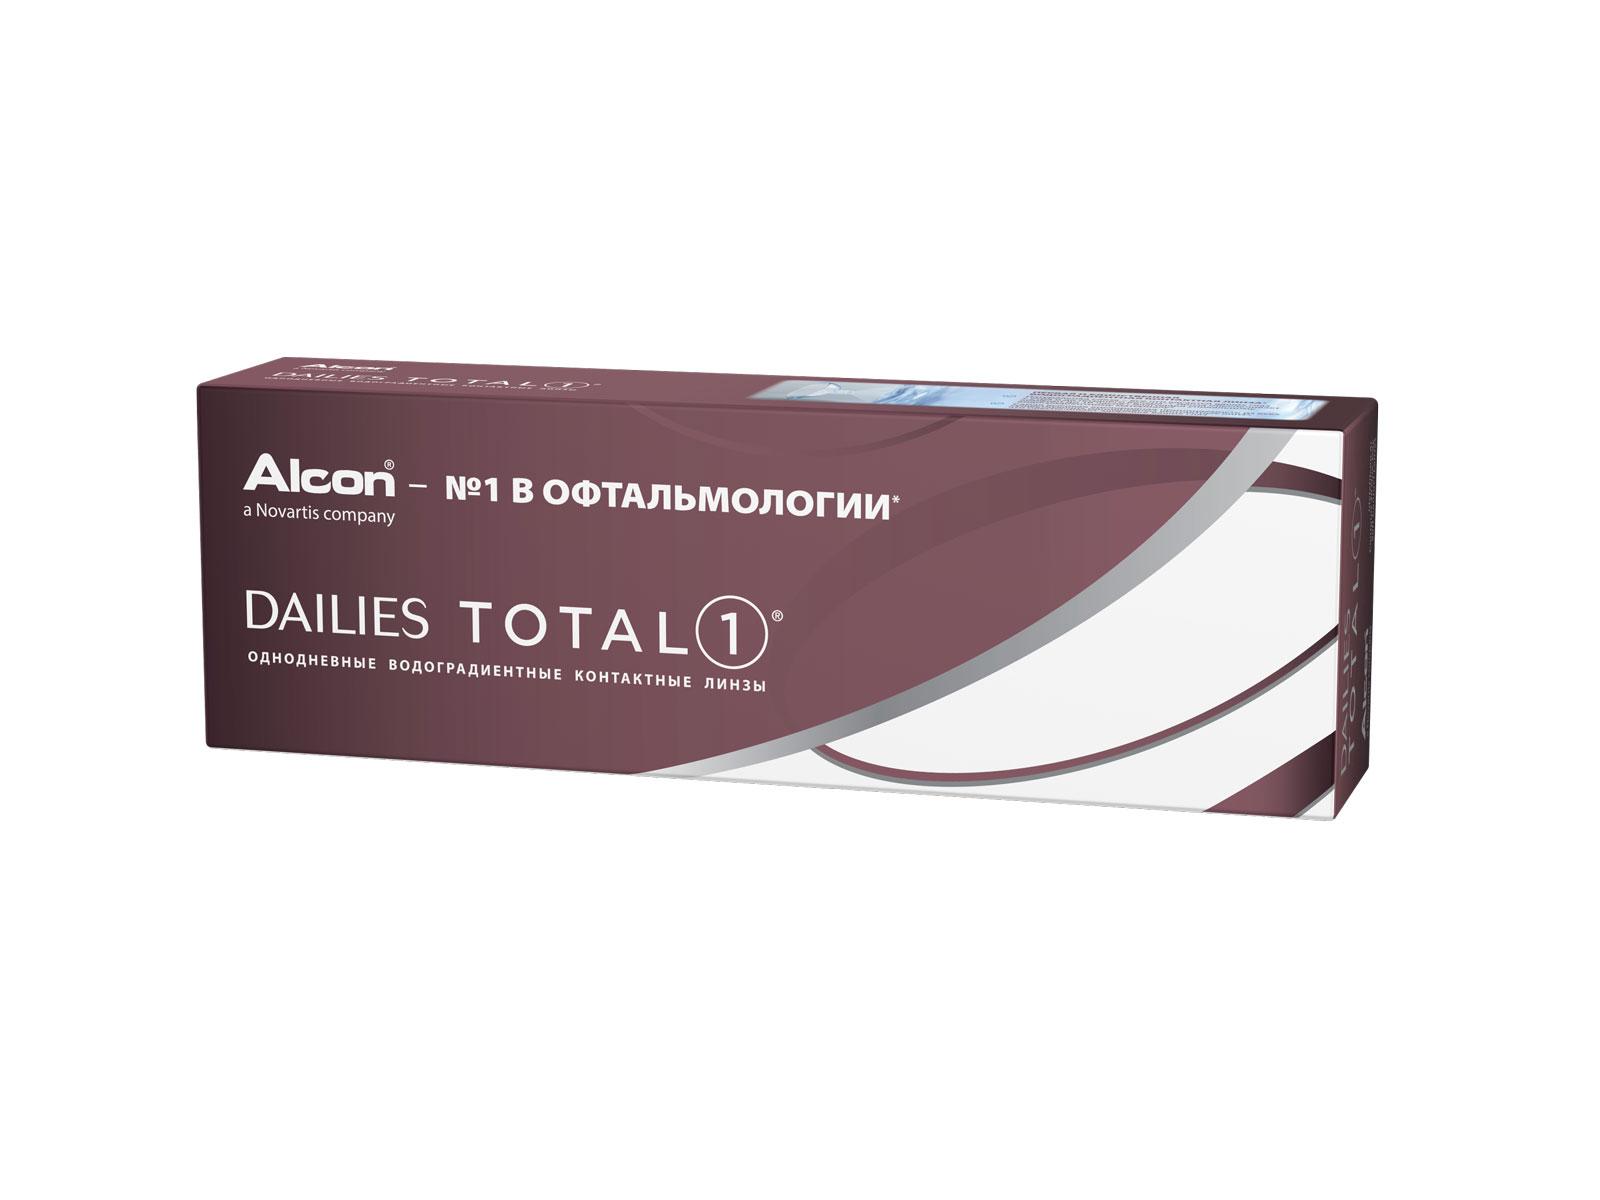 Alcon контактные линзы Dailies Total 1 30pk /-8.50 / 8.5 / 14.144408Dailies Total 1 – линзы, которые не чувствуешь с утра и до позднего вечера. Эти однодневные контактные линзы выполнены из уникального водоградиентного материала, благодаря которому натуральная слеза – это все, что касается ваших глаз. Почти 100% влаги на поверхности линзы обеспечивают комфорт в течение самого долгого дня. Ключевые особенности и преимущества Dailies Total 1: -Линзы, которые не чувствуешь с утра и до позднего вечера.Влагосодержание на поверхности линзы Dailies Total 1 достигает 100% . Это делает линзу ультрагладкой, таким образом ваше веко не чувствует ее во время моргания. Уникальный водоградиентный материал обеспечивает вам более 16 часов комфортного ношения. -Здоровье, без покрасневших глаз.Чтобы ваши глаза не краснели и чувствовали себя здоровыми, им нужно дышать также как и вам. Контактные линзы Dailies Total 1 пропускают больше кислорода, чем все остальные однодневные контактные линзы.Контактные линзы или очки: советы офтальмологов. Статья OZON Гид